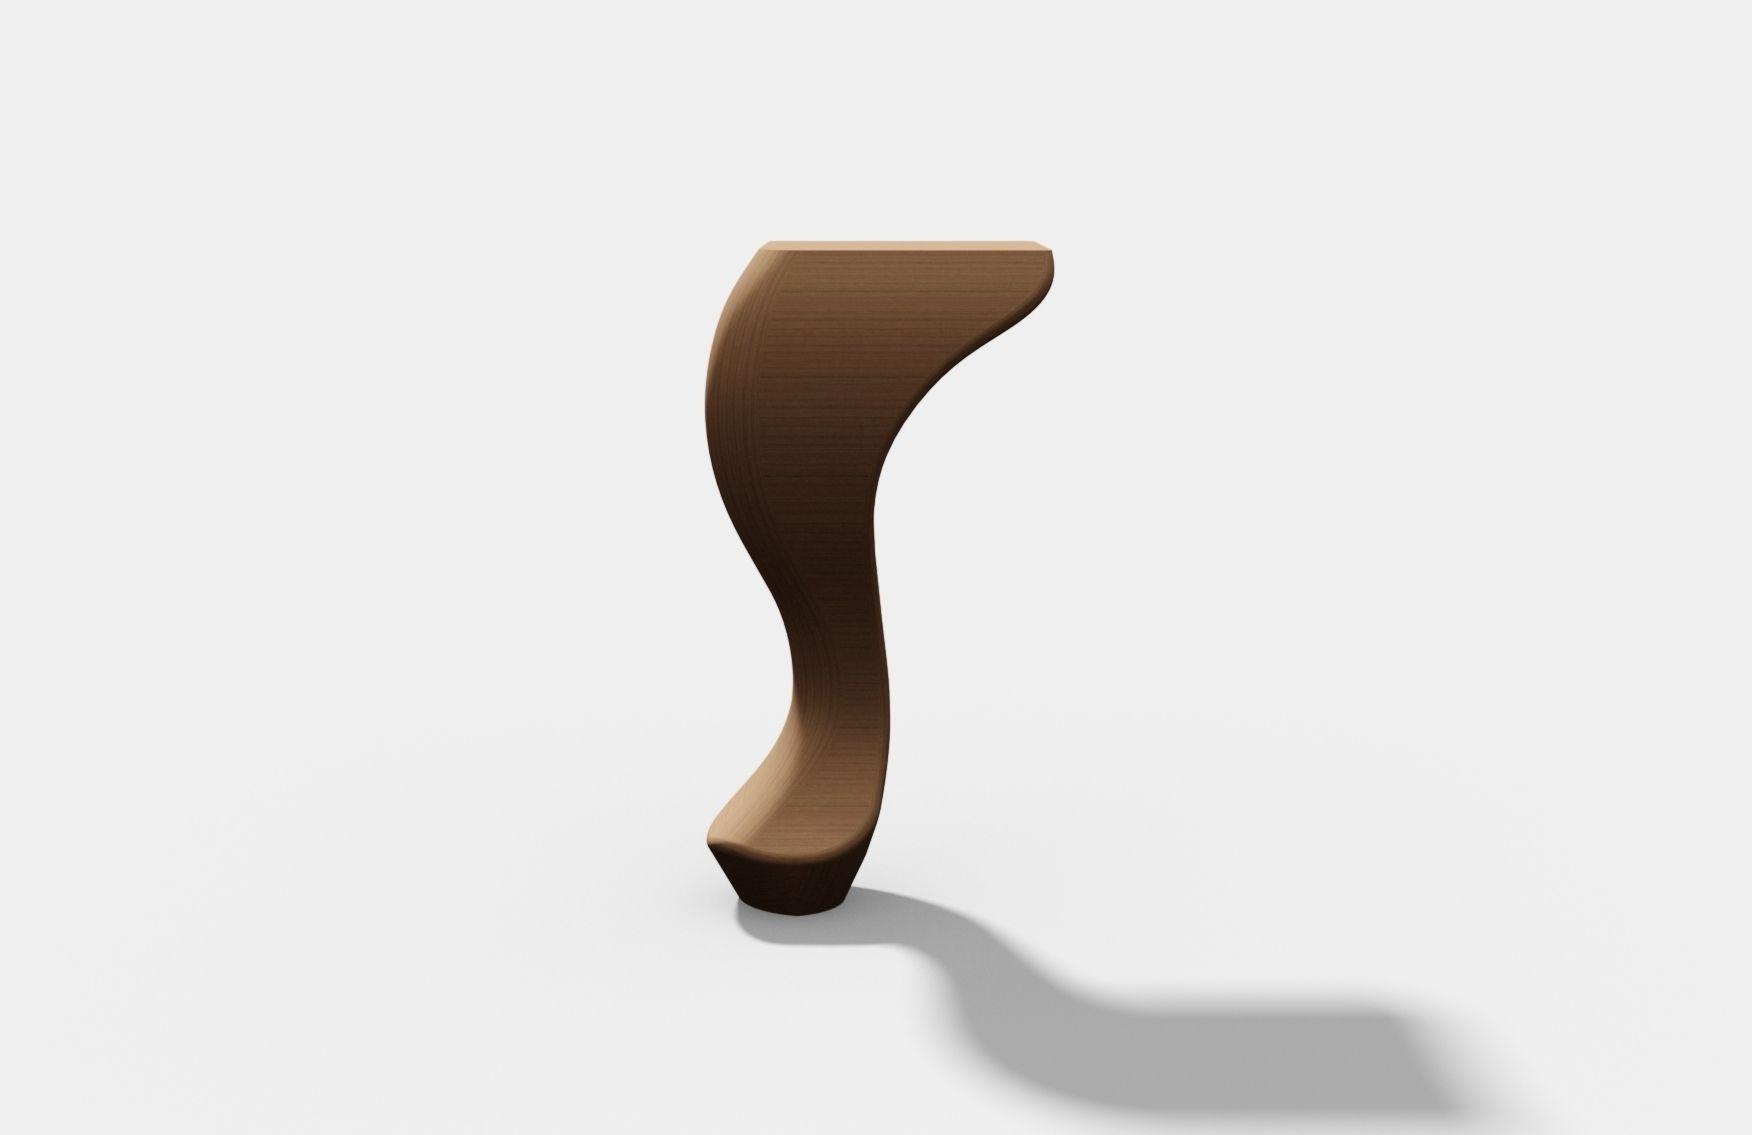 Classic Furniture Leg Cad 3d Model Max Obj 3ds Fbx